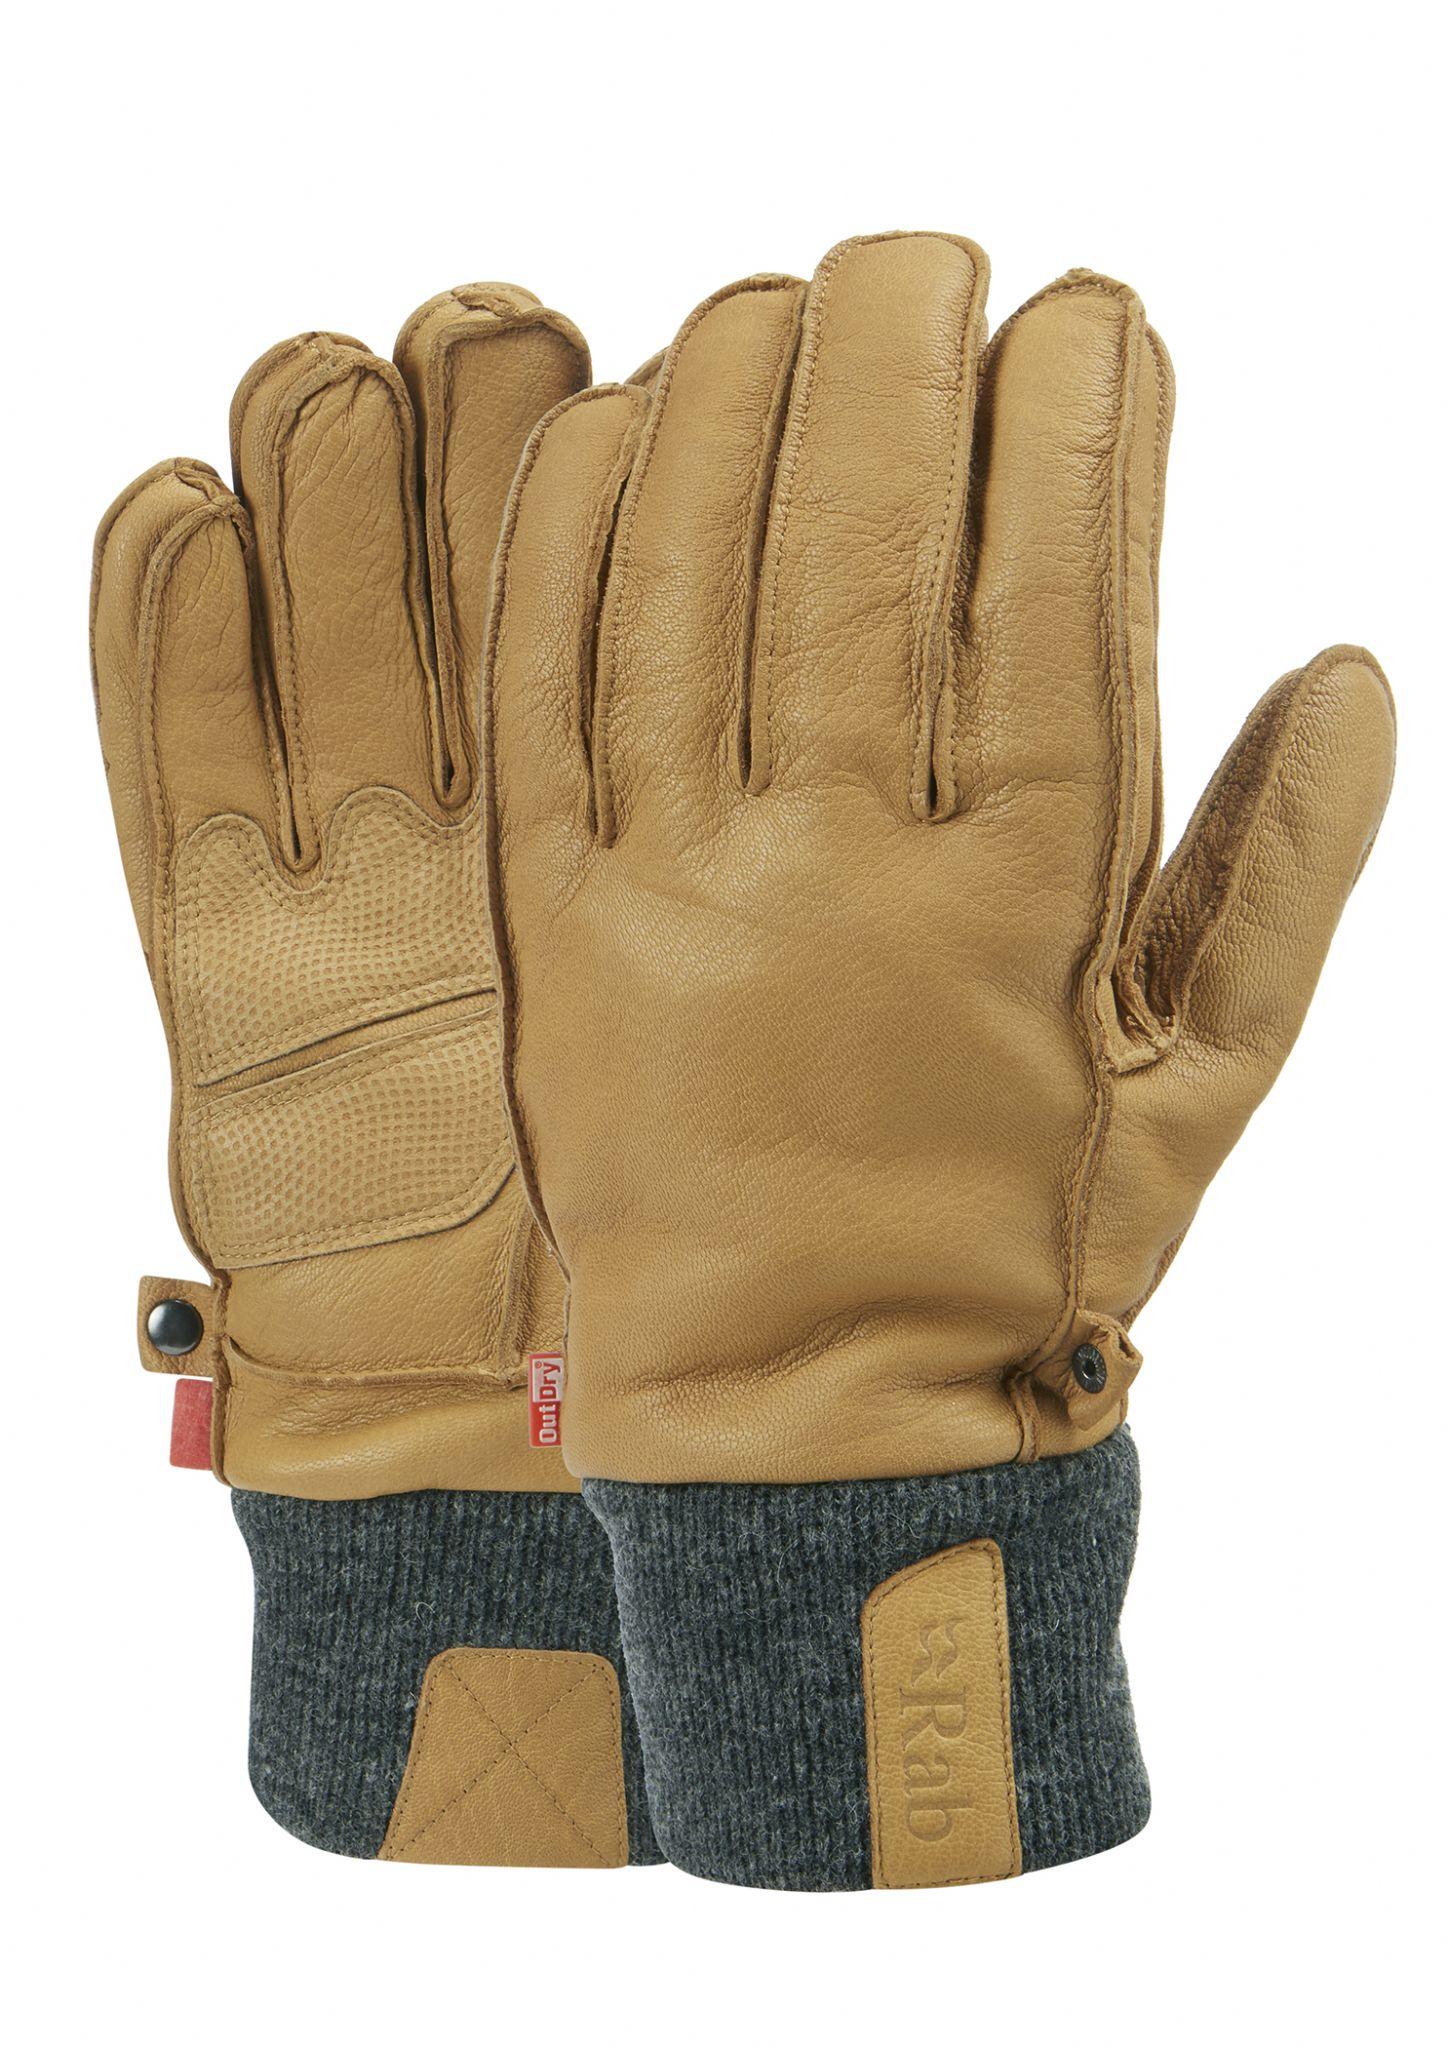 47d91ba8f841d Rab Mens Treeline Glove - Leather Waterproof Hard Wearing